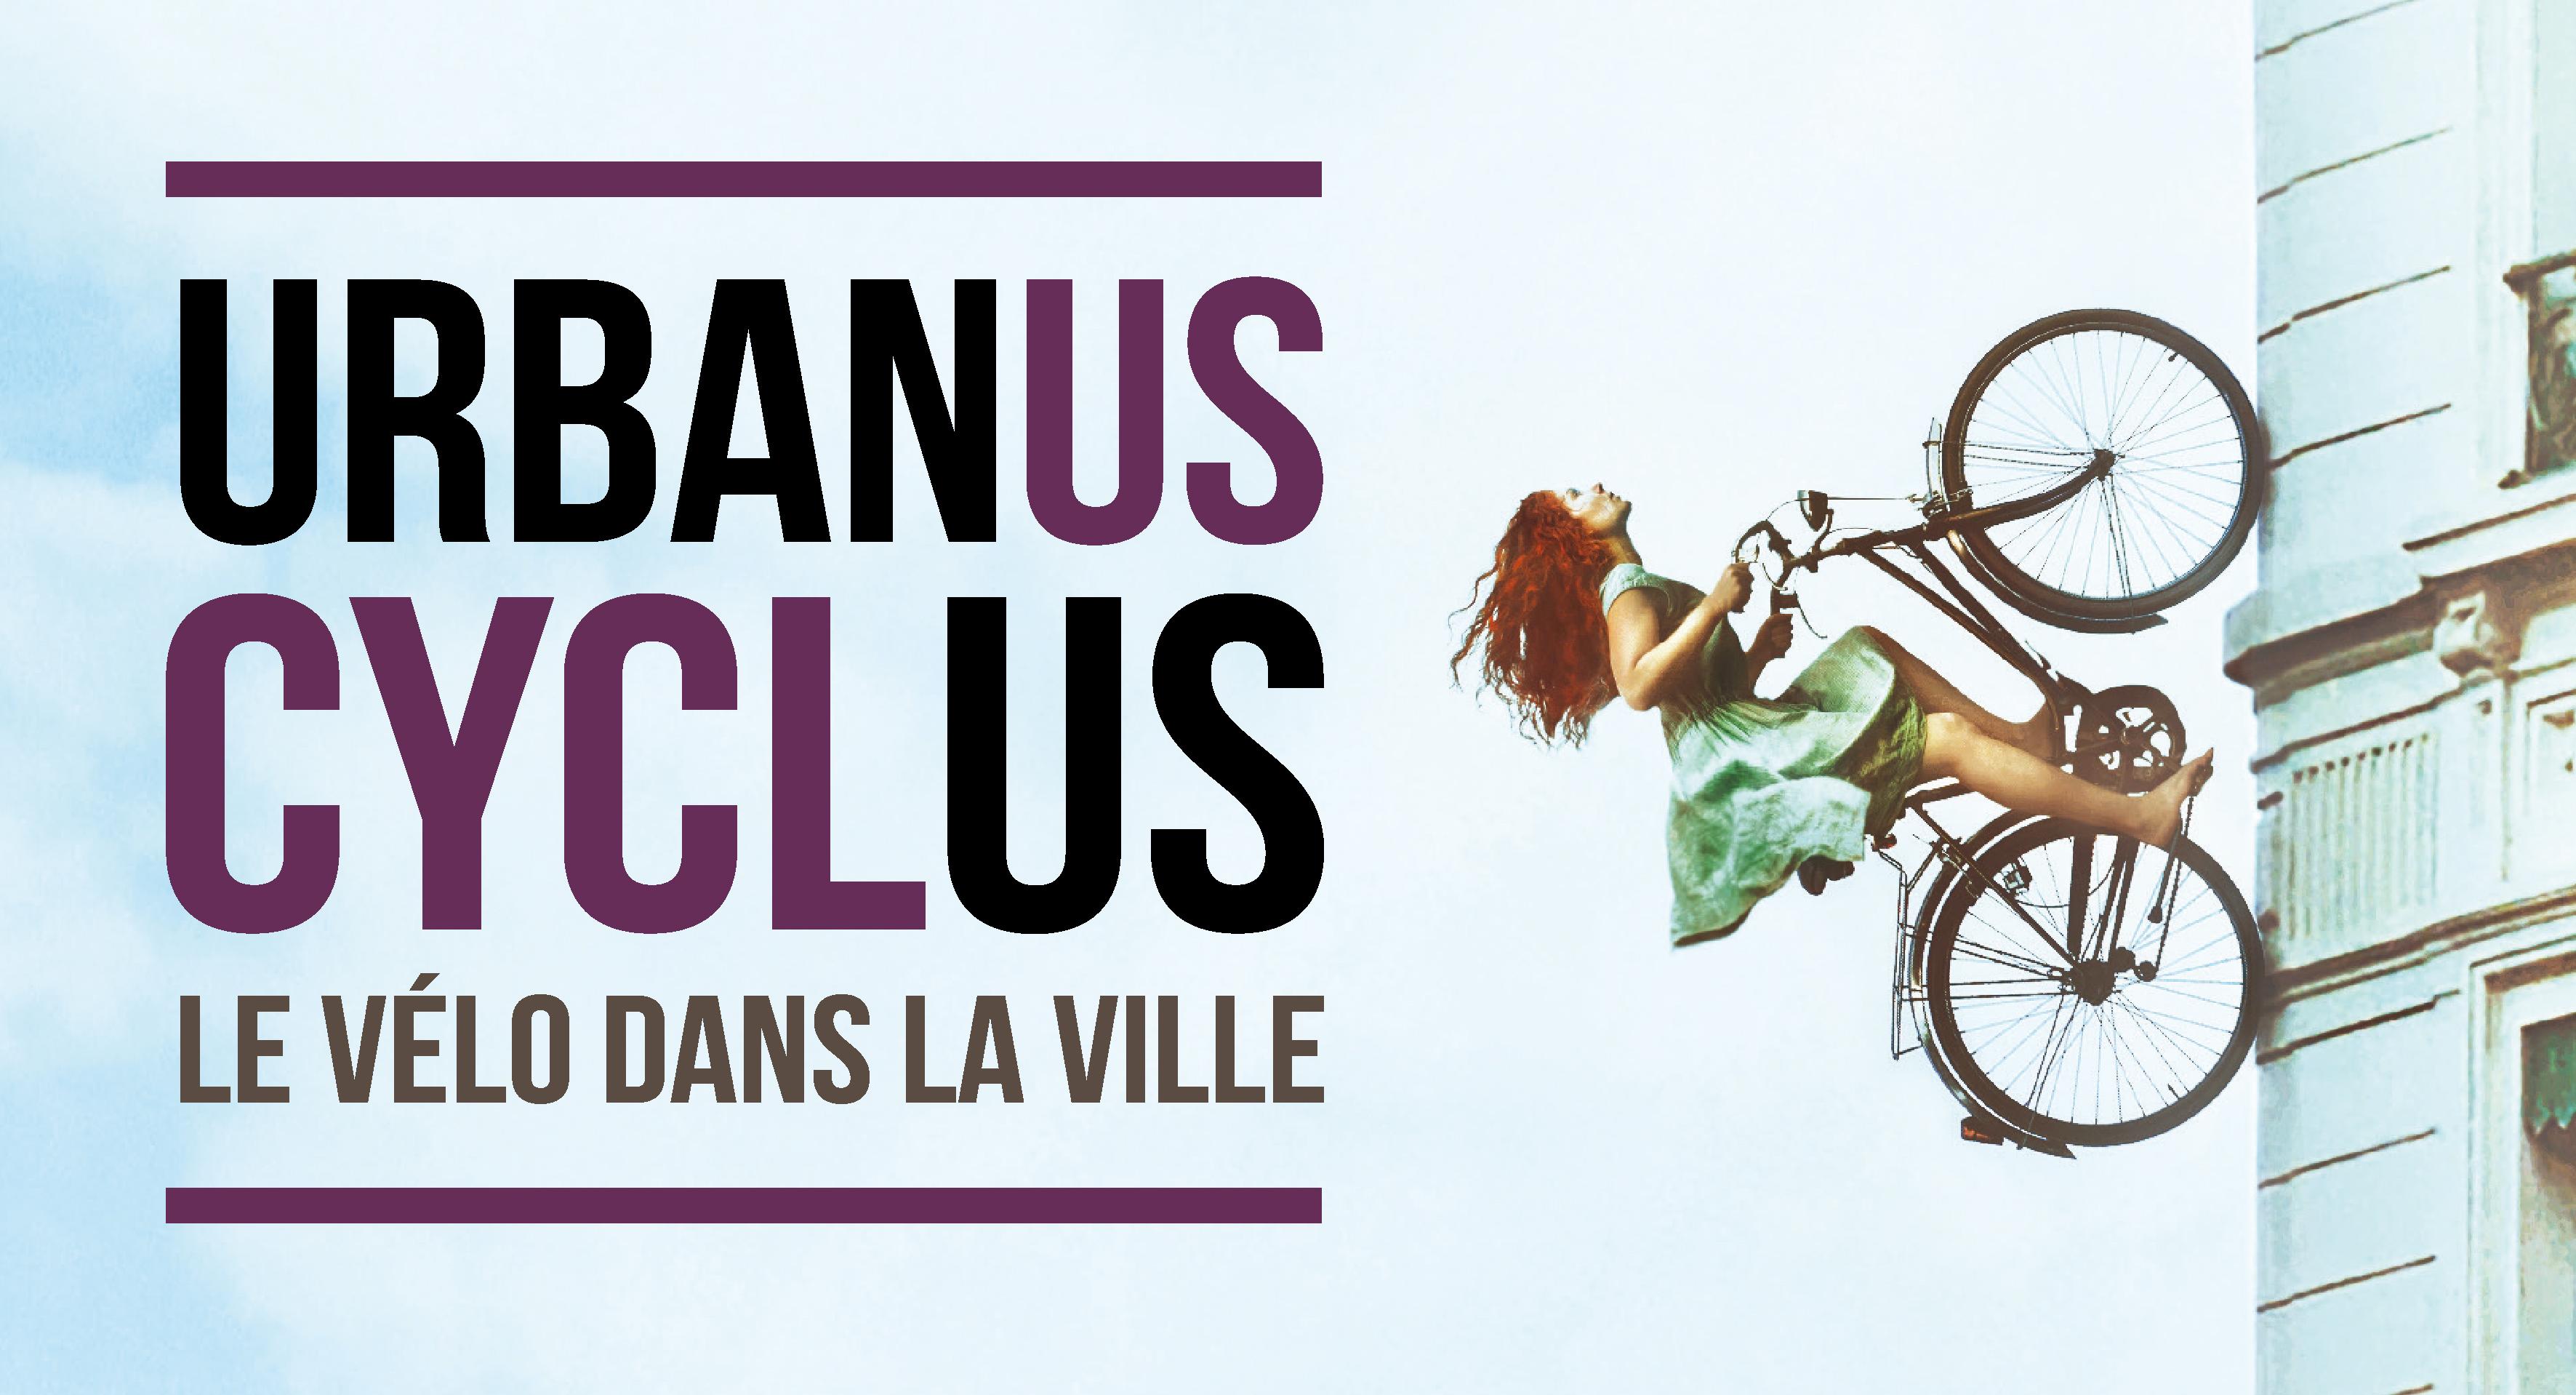 Urbanus Cyclus : une exposition sur le vélo comme art de vivre